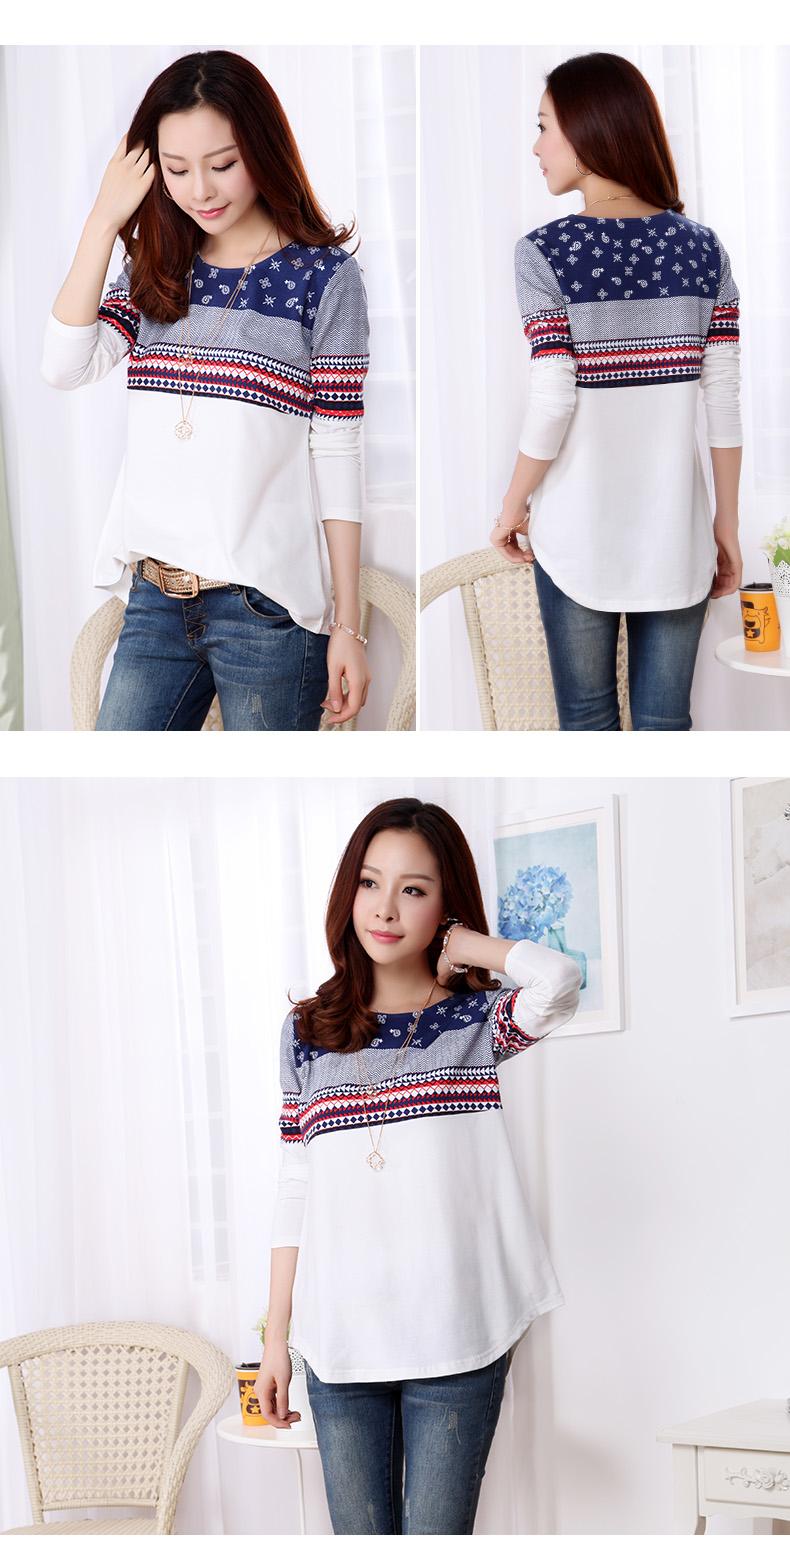 模特展示-白色2.jpg